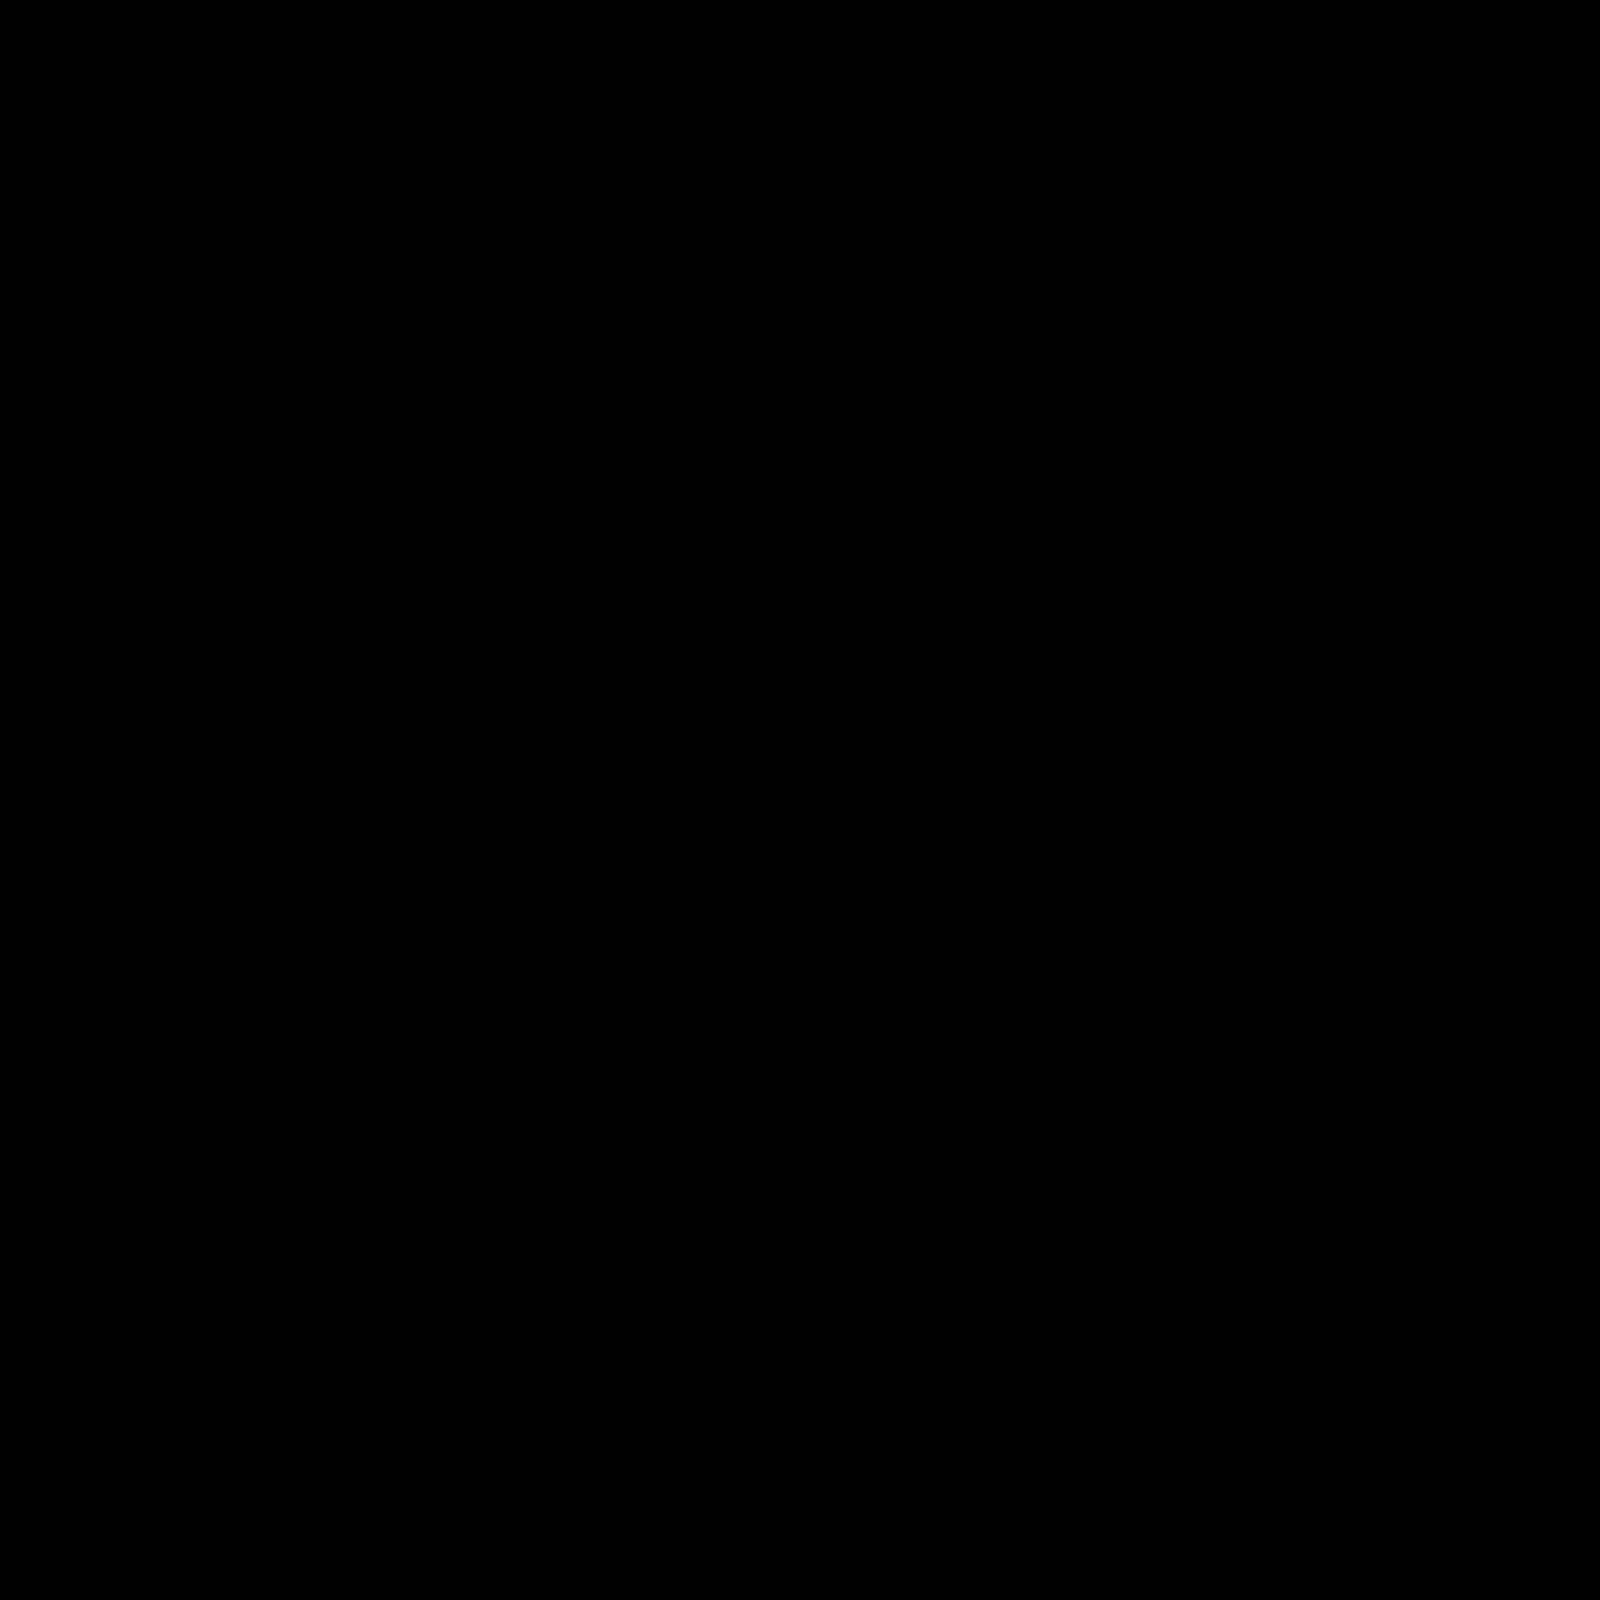 ダブルダウン icon